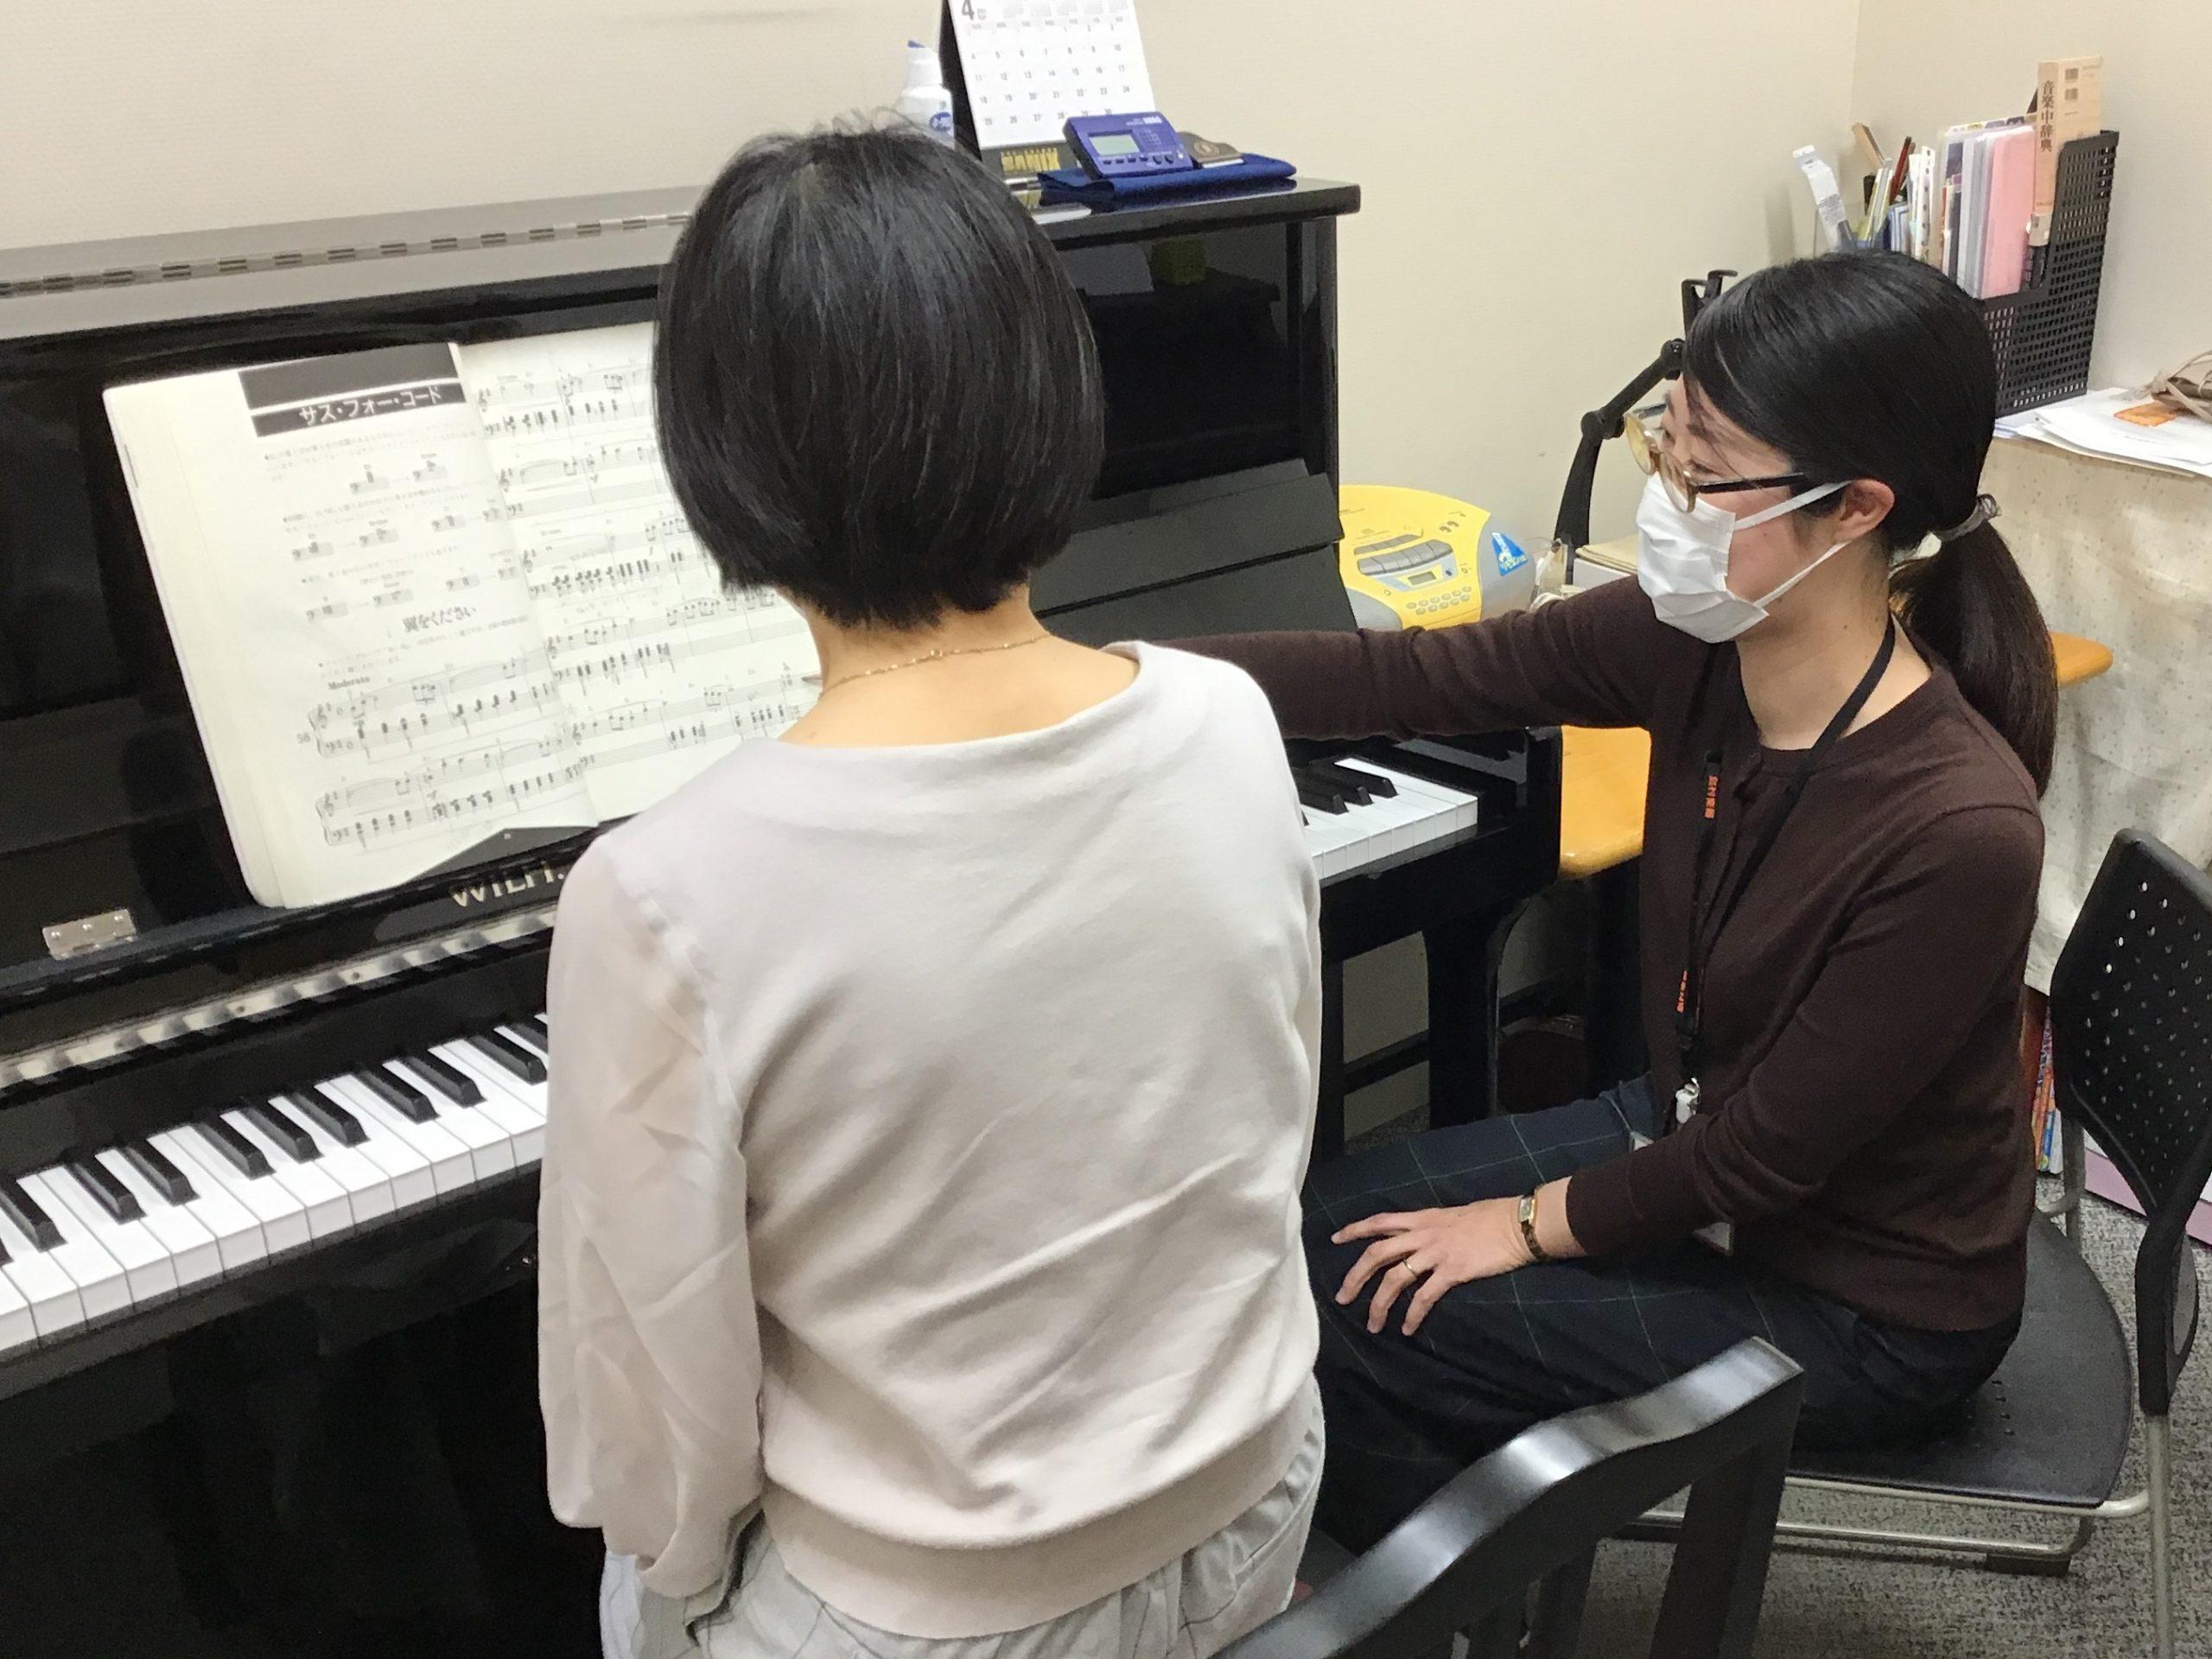 水戸 大人 ピアノ教室 島村楽器